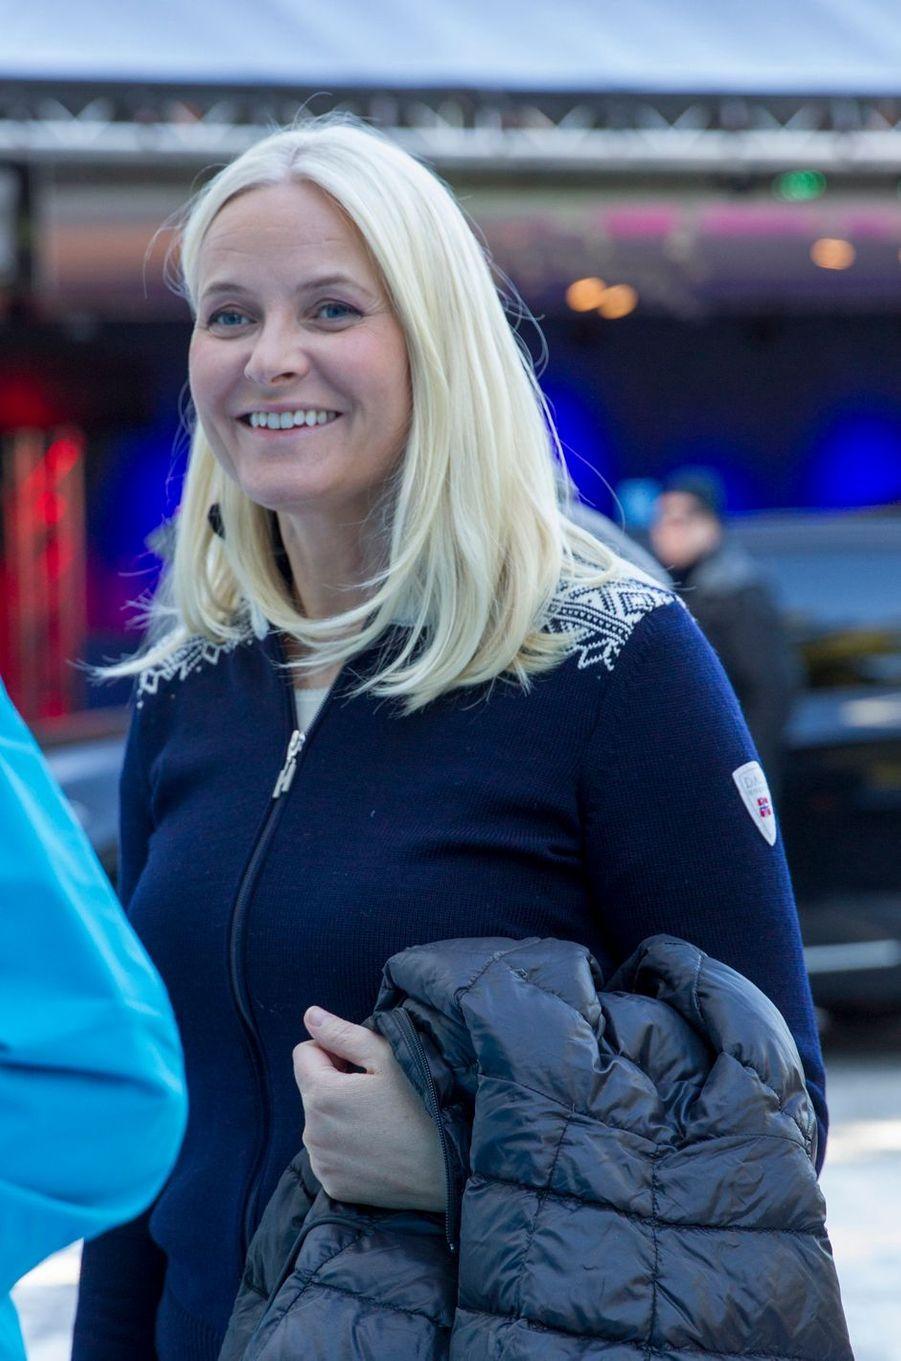 La princesse Mette-Marit de Norvège à Oslo, le 10 mars 2019